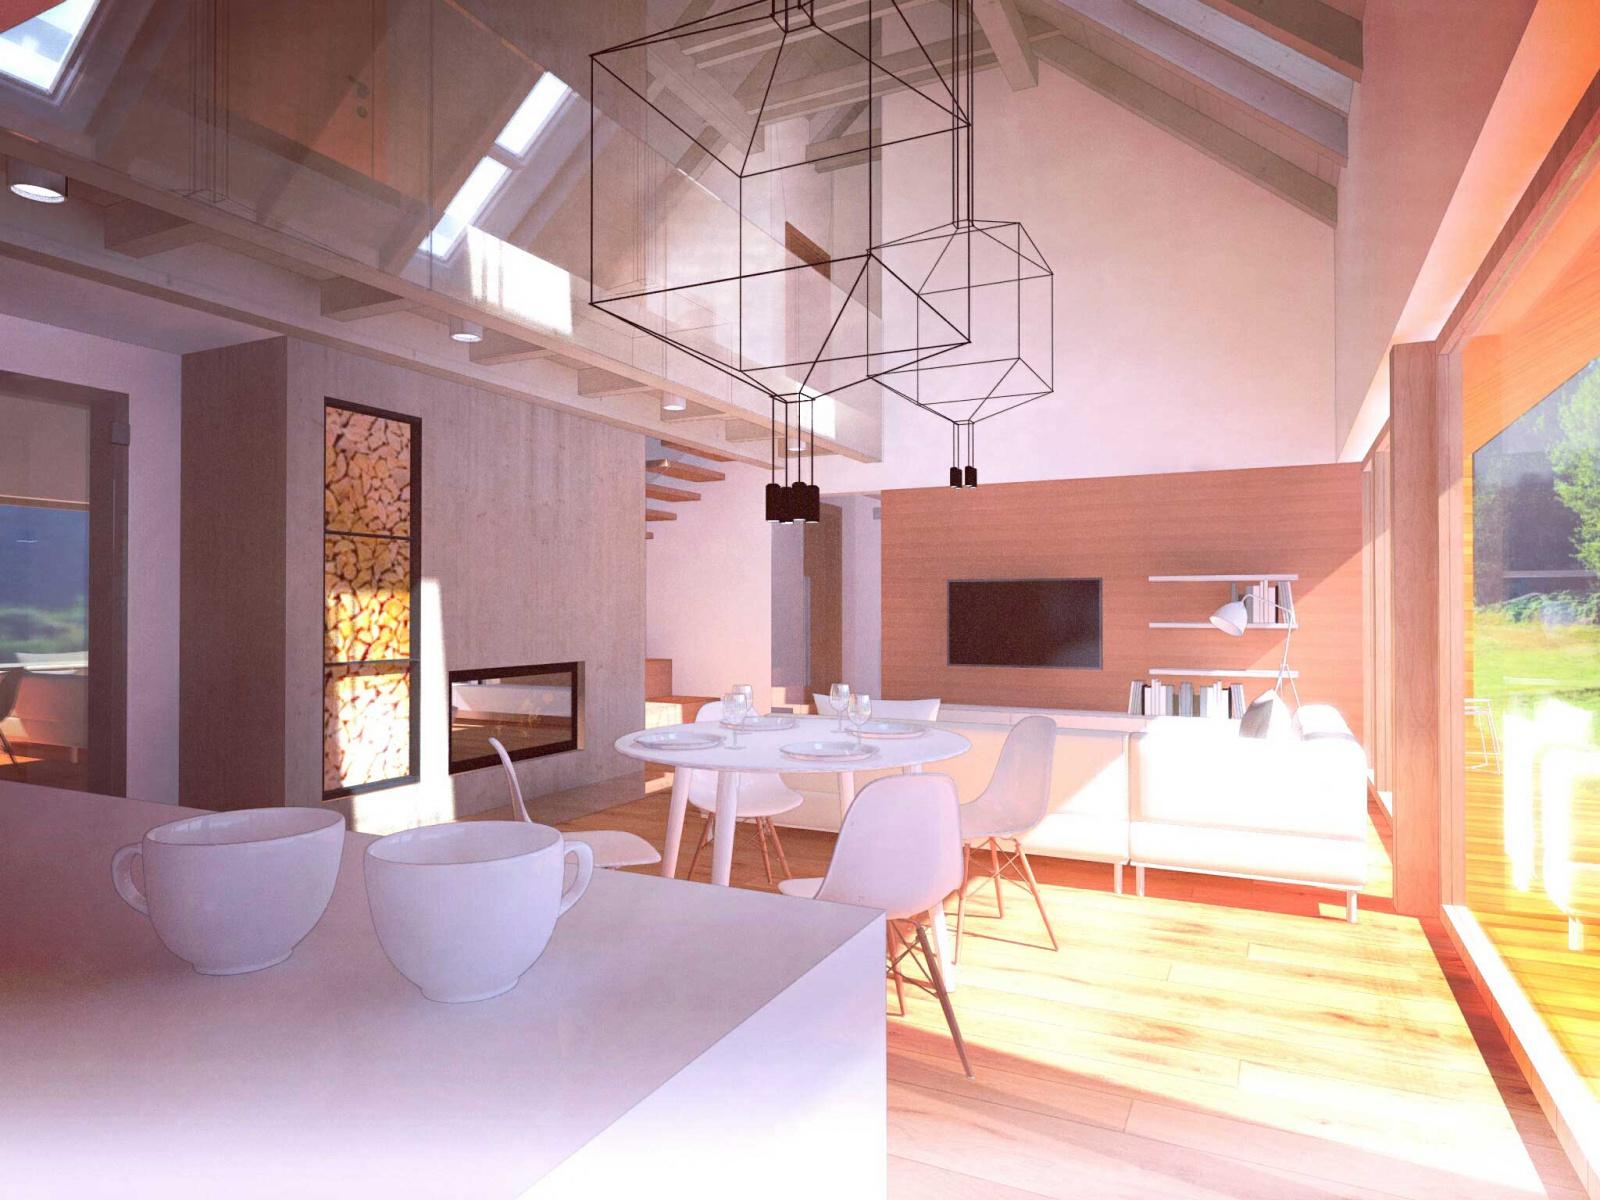 Moderní dům na venkově - jídelna s krbem - 3K Architects s.r.o. fa68b63b65